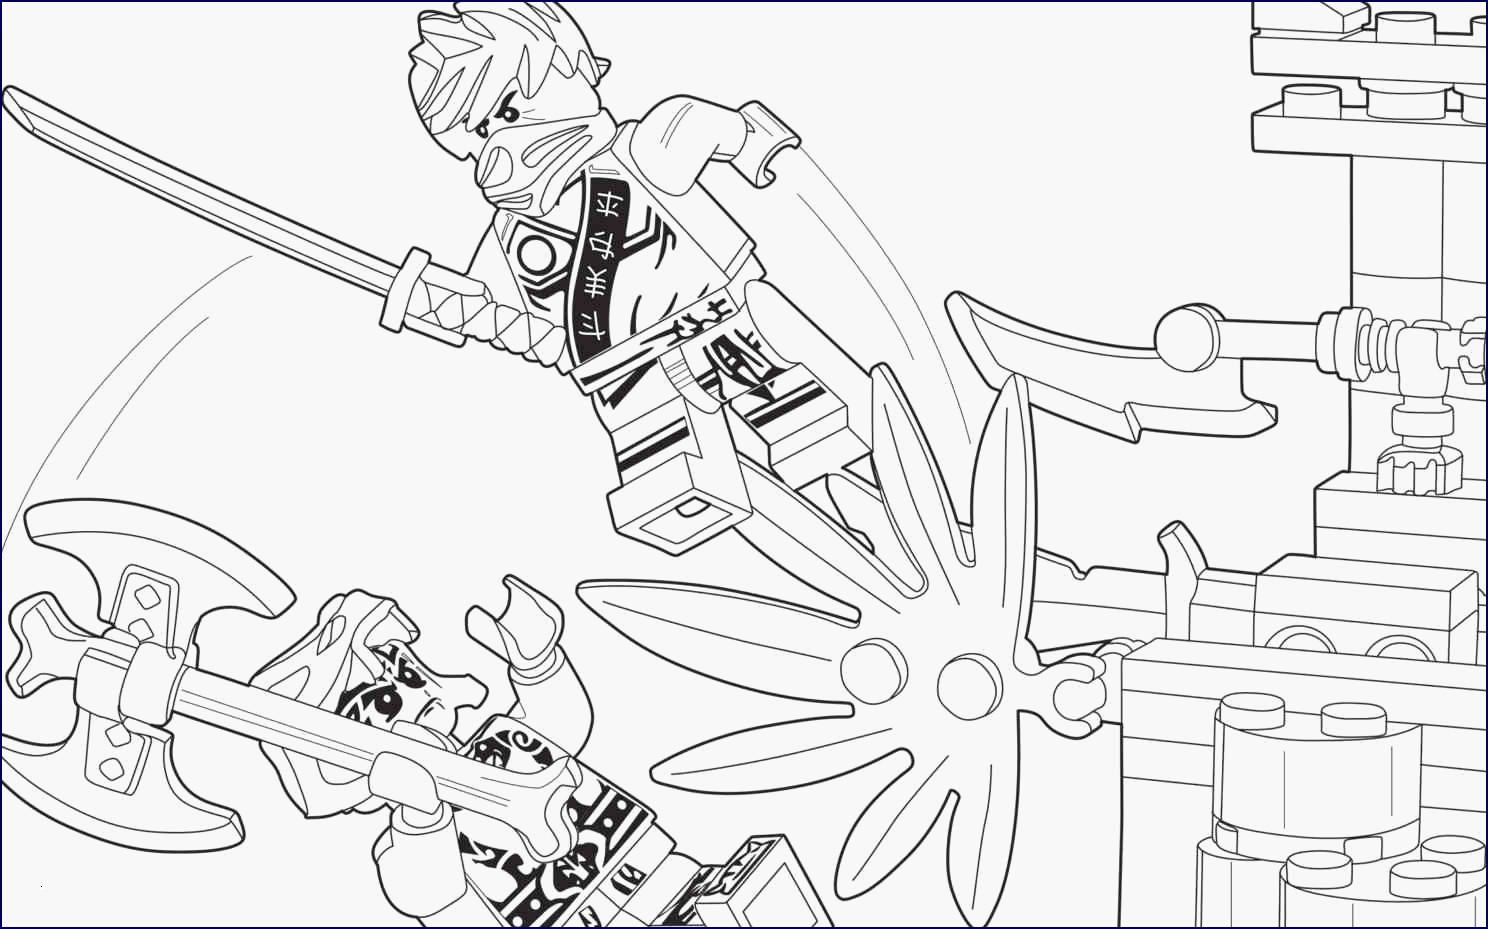 Mickey Mouse Zum Ausmalen Einzigartig Minions Ausmalbilder Bob Teddy Neu Malvorlagen Fur Kinder Neu Mickey Bild